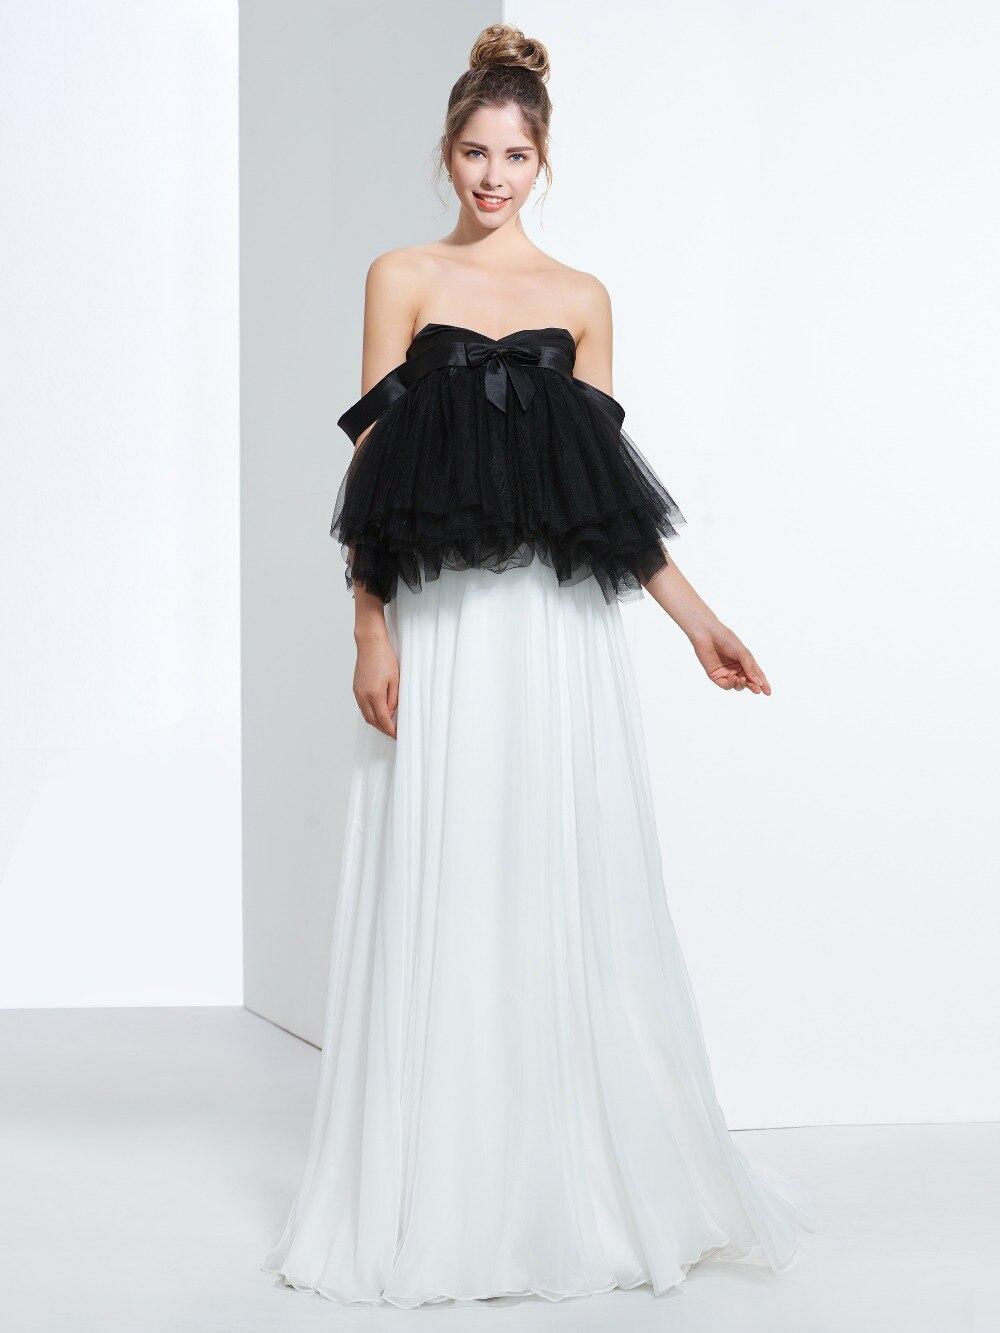 Robes de soirée Sexy en Tulle et mousseline de soie longues robes de bal robe de soirée avec nœud en Satin robe de soirée robe de soirée longo